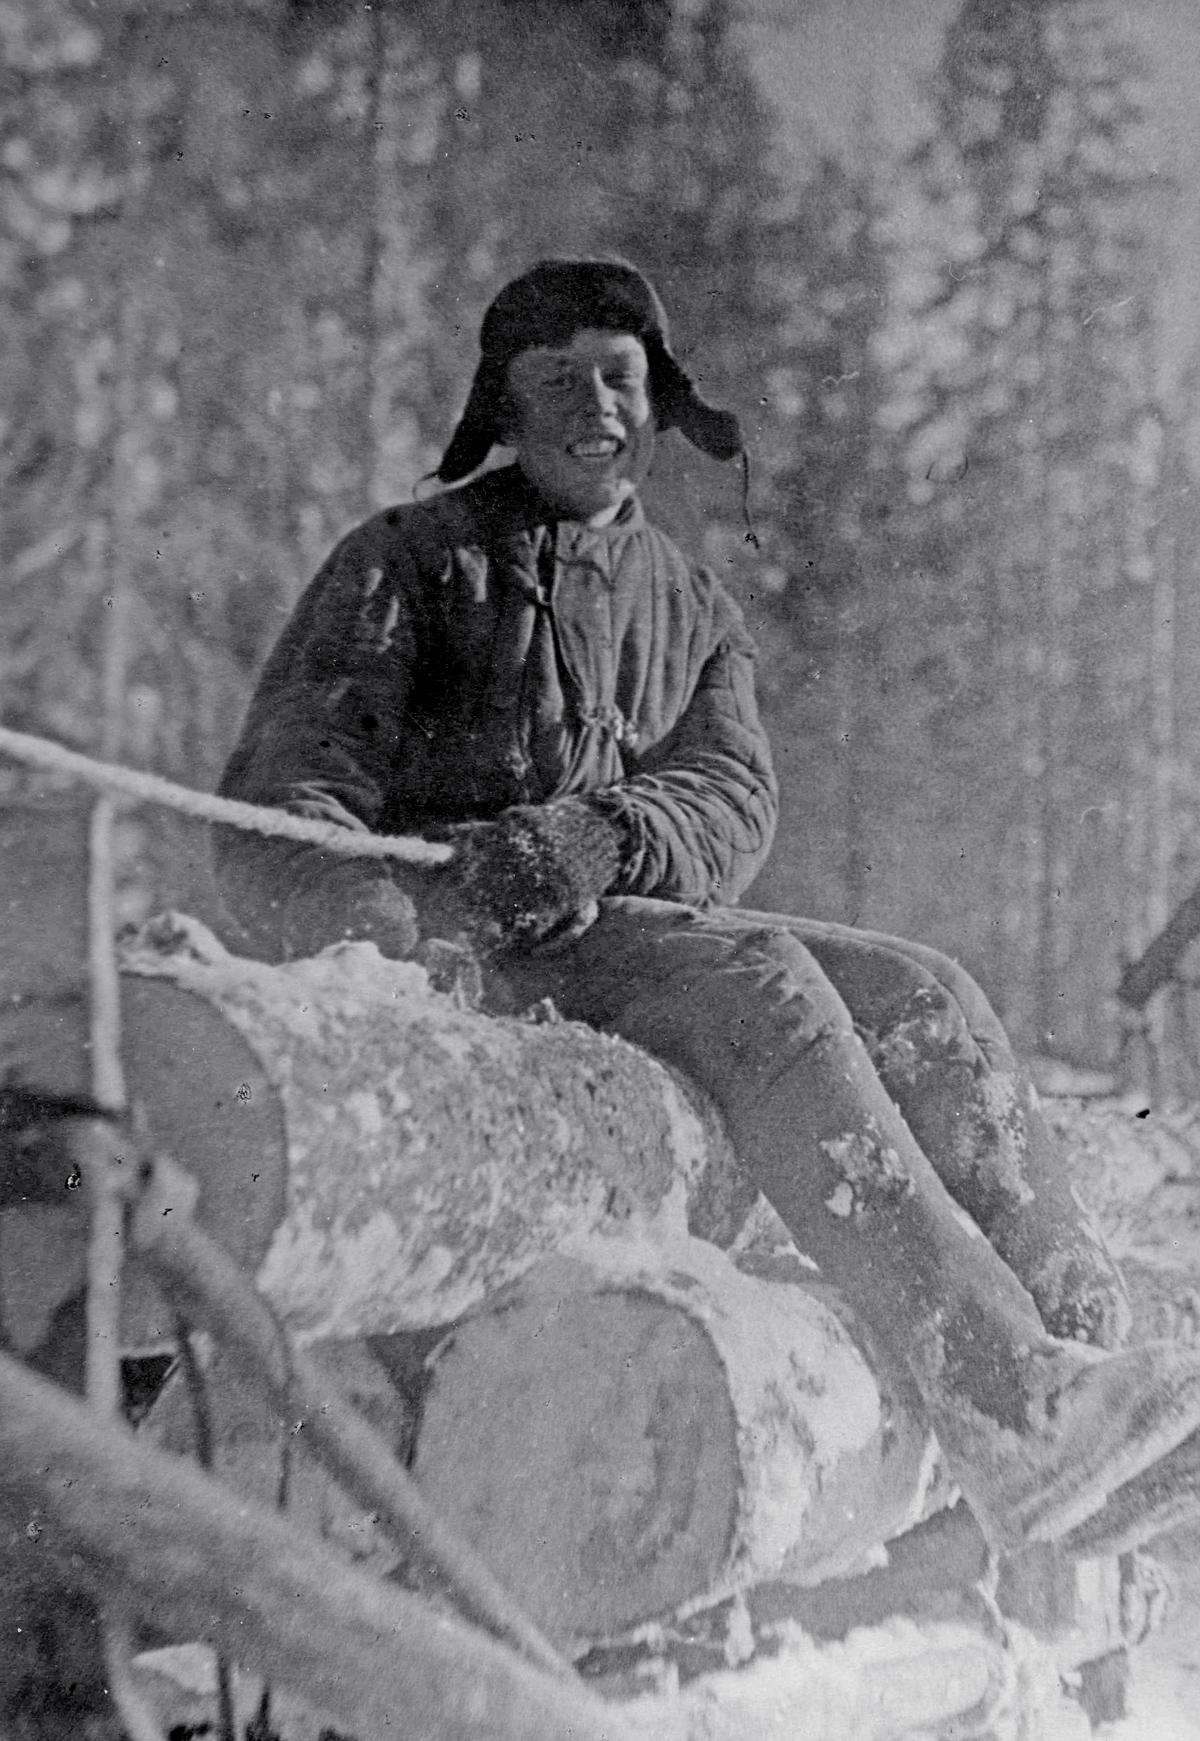 Попов Михаил— один излучших возчиков Плесецкого механического лесопункта, апрель 1941 год